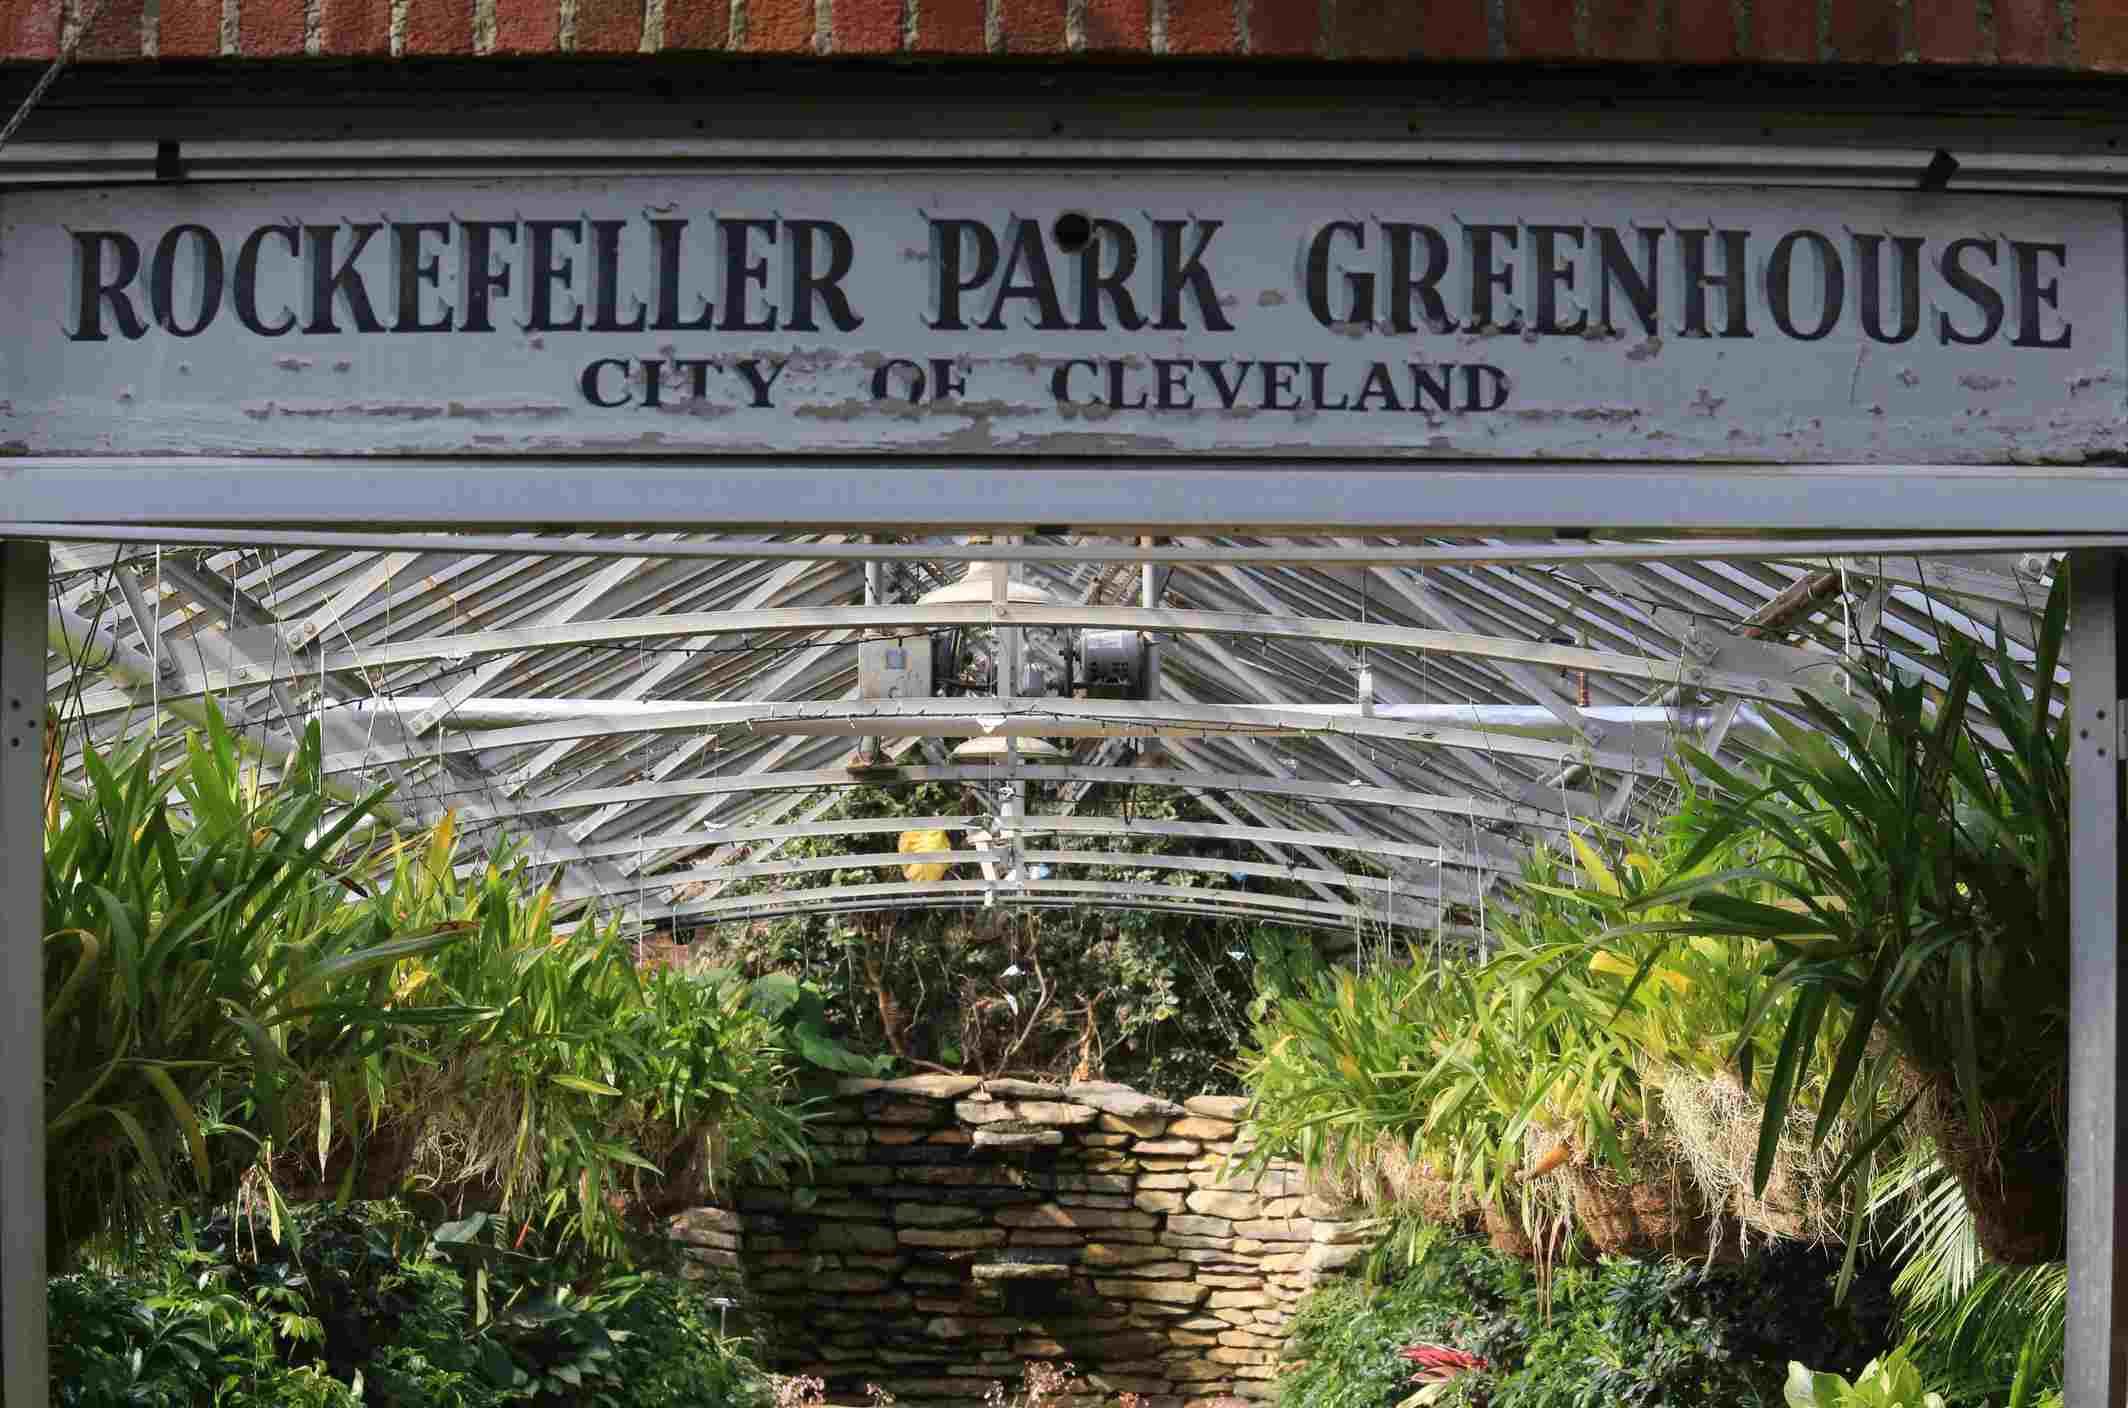 Cleveland's Rockefeller Park Greenhouse